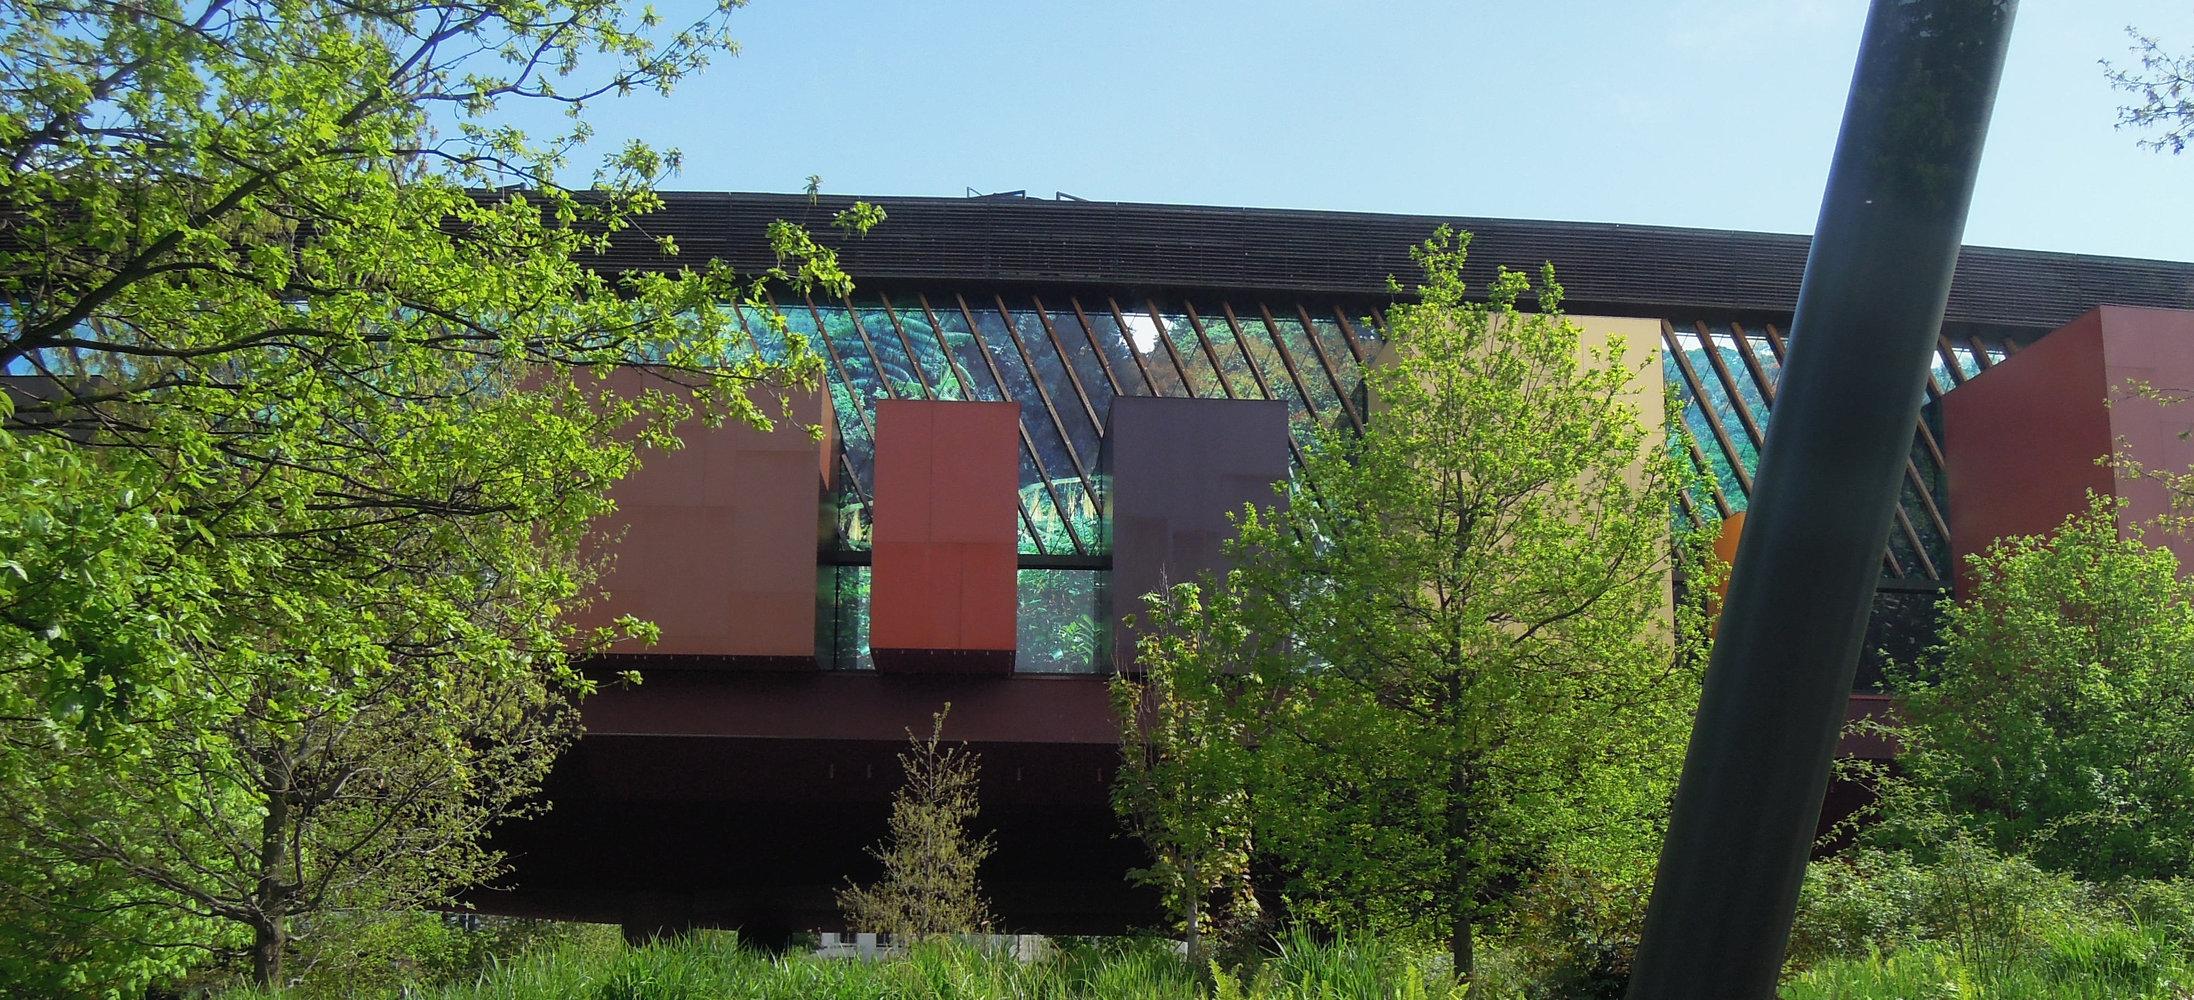 Jardín vertical de Quai Branly - Jardines del museo - Noticias de ...